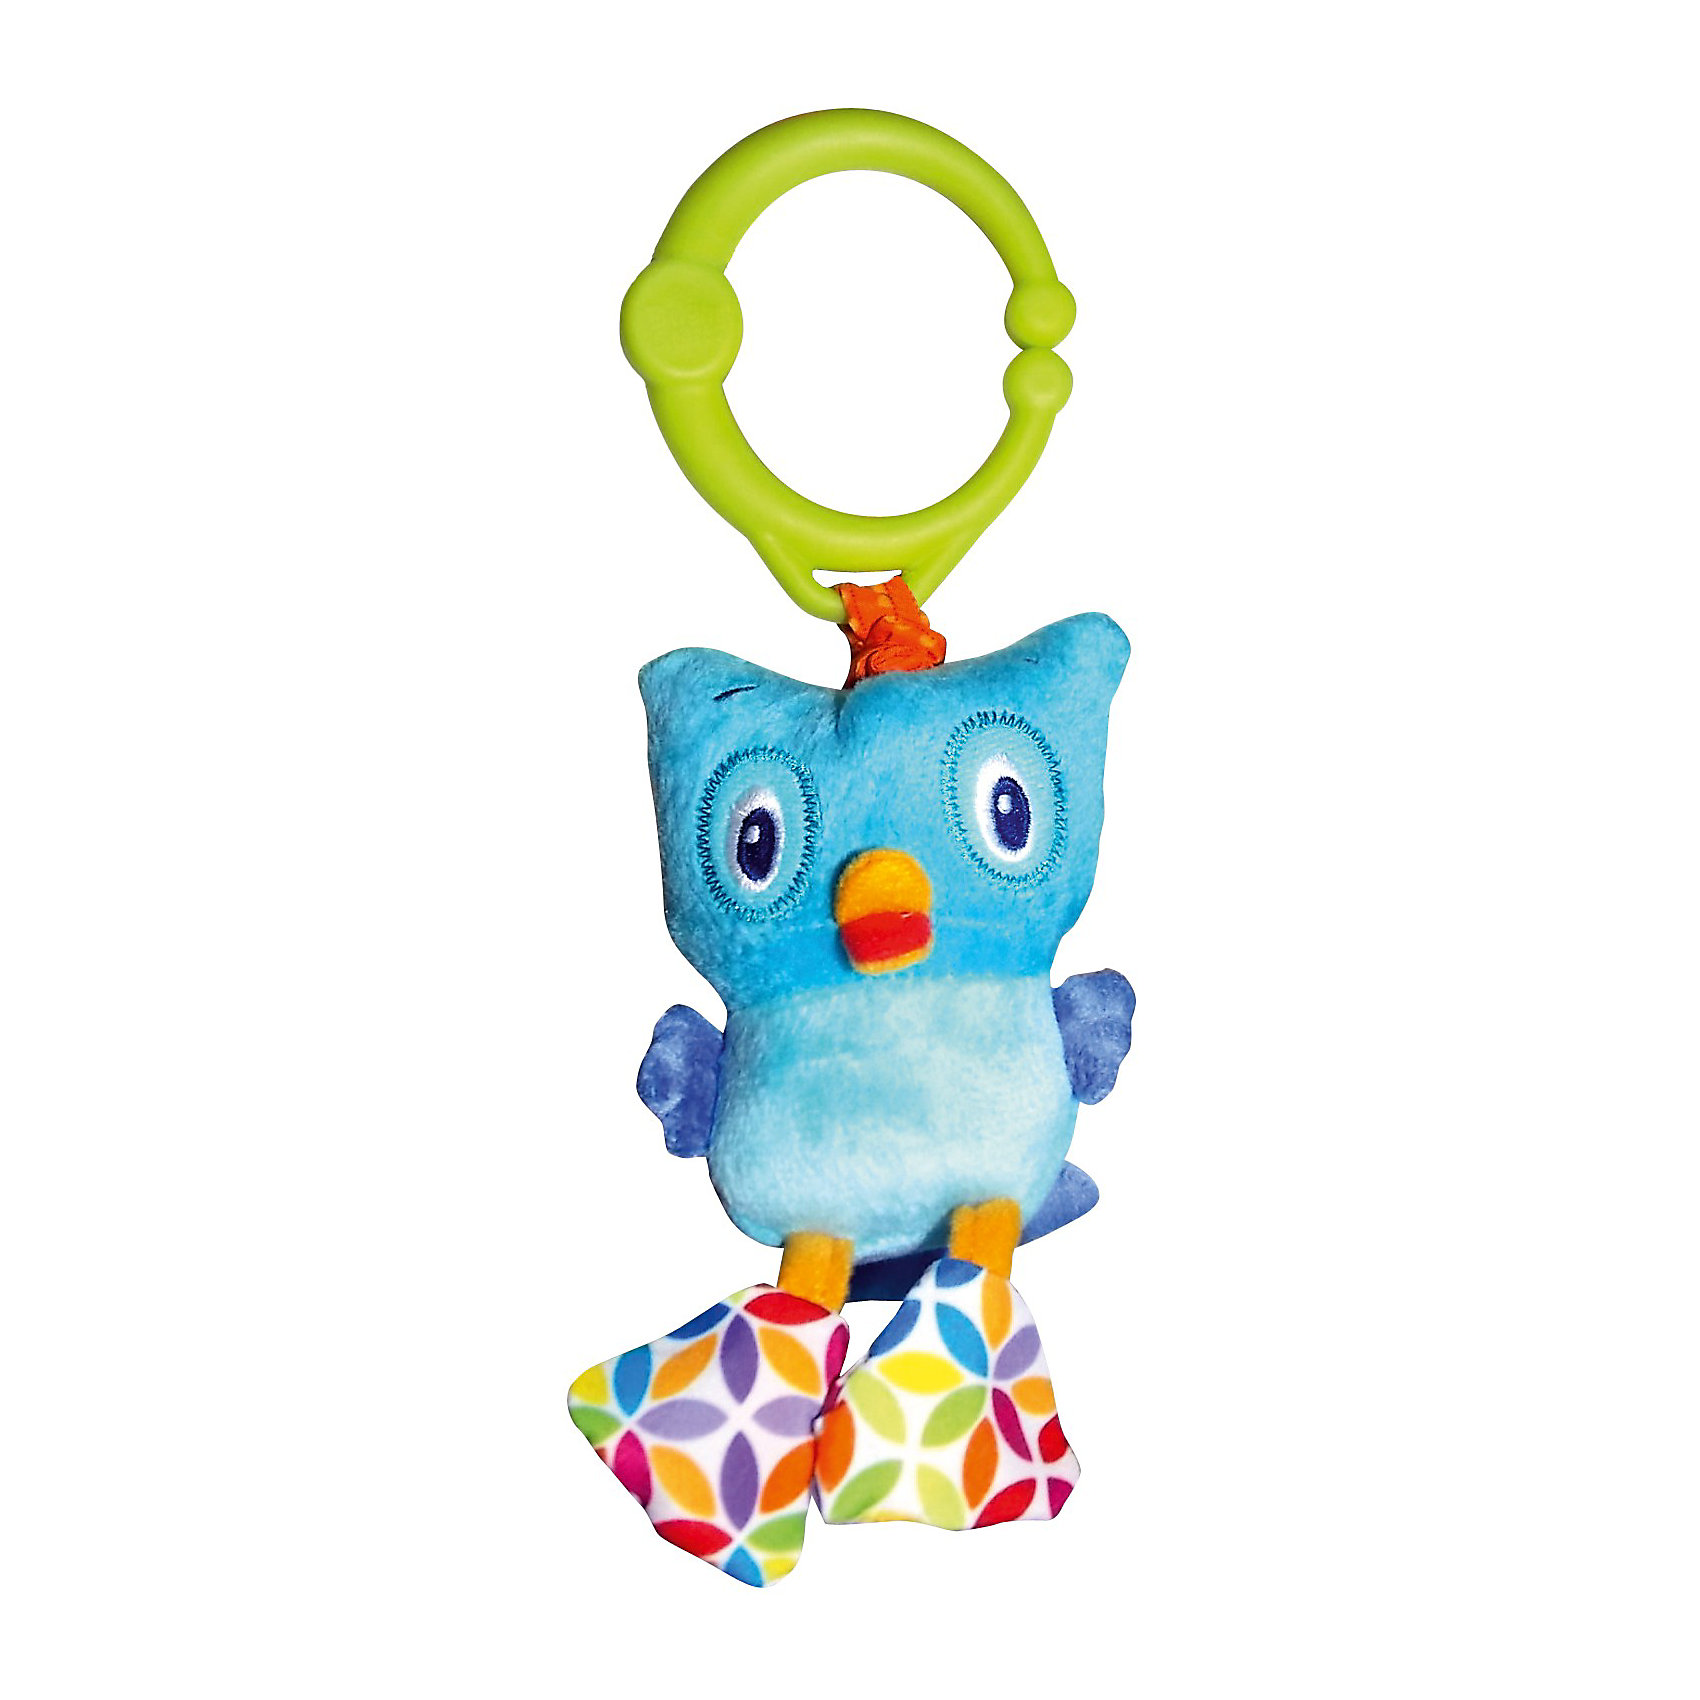 Развивающая игрушка Дрожащий дружок Сова, Bright StartsРазвивающие игрушки<br>Развивающая игрушка Дрожащий дружок Сова, Bright Starts (Брайт Стартс) обязательно позабавит вашего малыша. Игрушка - сова прикреплена к кольцу. Как только ваш малыш потянет на нее, игрушка начнет смешно вибрировать. Кольцо можно прикрепить на кроватку, коляску или развивающий коврик. <br><br>Дополнительная информация:<br><br>-Тип: развивающая игрушка<br>-Материал корпуса: пластик, ткань, мех.<br>-Размеры: 8x5x26 см<br>-Вибрирует<br><br>Развивающую игрушку Дрожащий дружок Сову, Bright Starts (Брайт Стартс) можно купить в нашем магазине.<br><br>Ширина мм: 90<br>Глубина мм: 60<br>Высота мм: 290<br>Вес г: 87<br>Возраст от месяцев: 3<br>Возраст до месяцев: 36<br>Пол: Унисекс<br>Возраст: Детский<br>SKU: 3789516